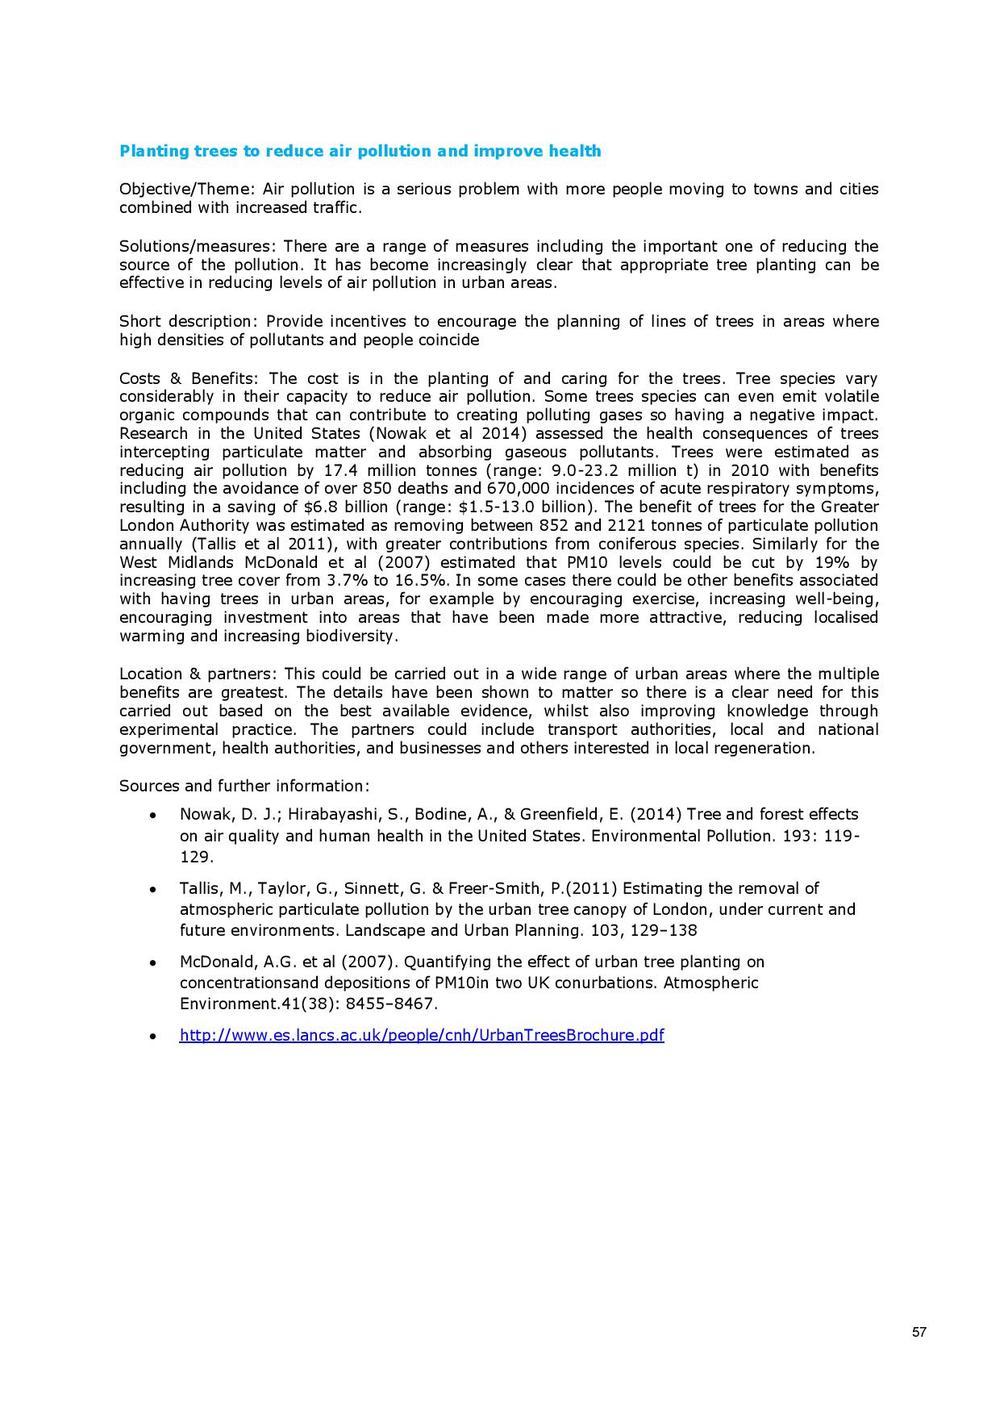 DG RTD_WEB-Publication A4_NBS_long_version_20150310-page-059.jpg